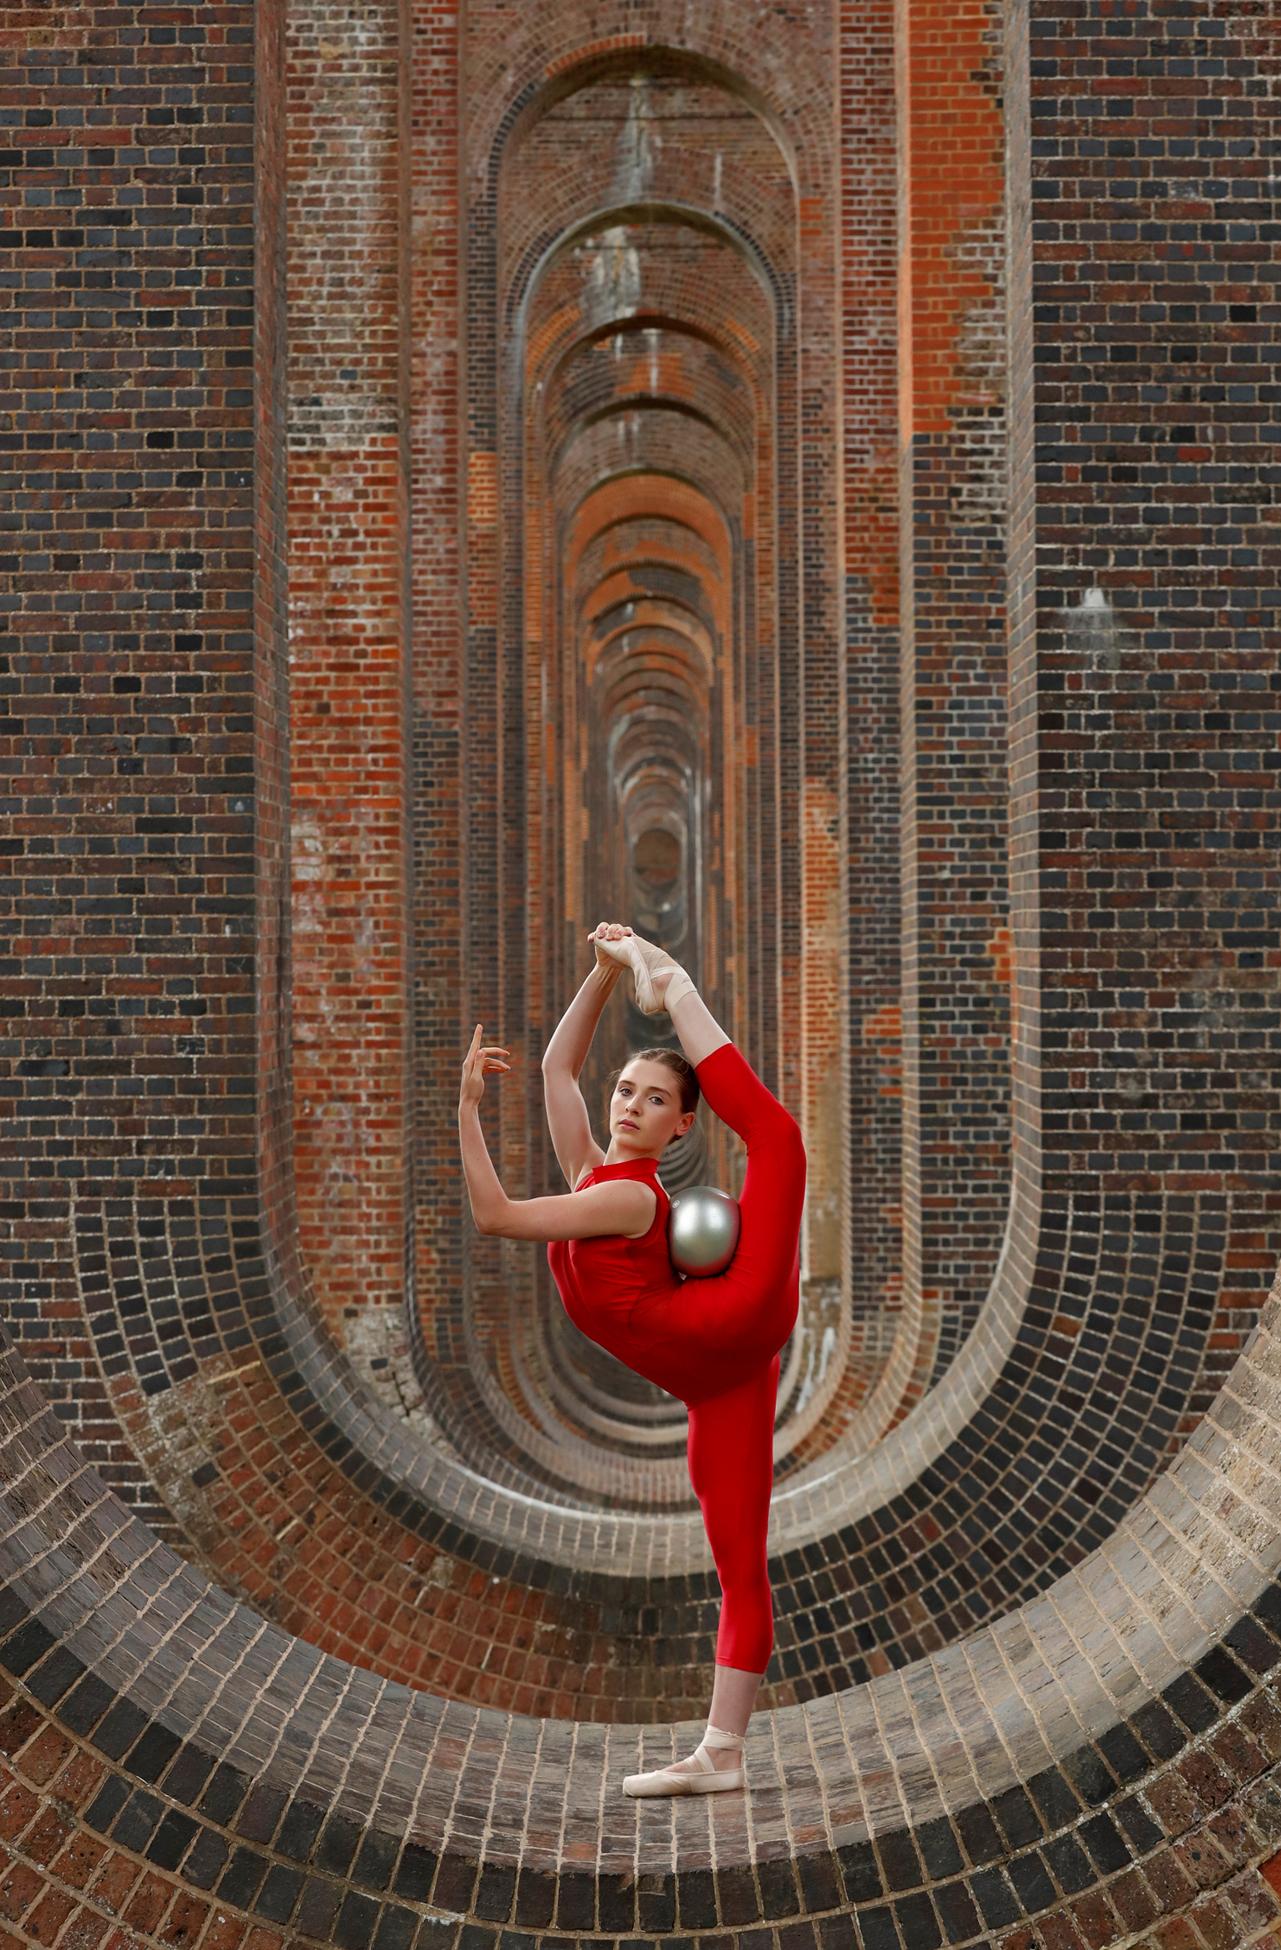 Βρετανίδα αθλήτρια της ρυθμικής γυμναστικής προπονείται ανάμεσα στις κομψές καμάρες της σιδηροδρομικής γέφυρας στη γραμμή Λονδίνο – Μπράιτον, στο Σάσεξ